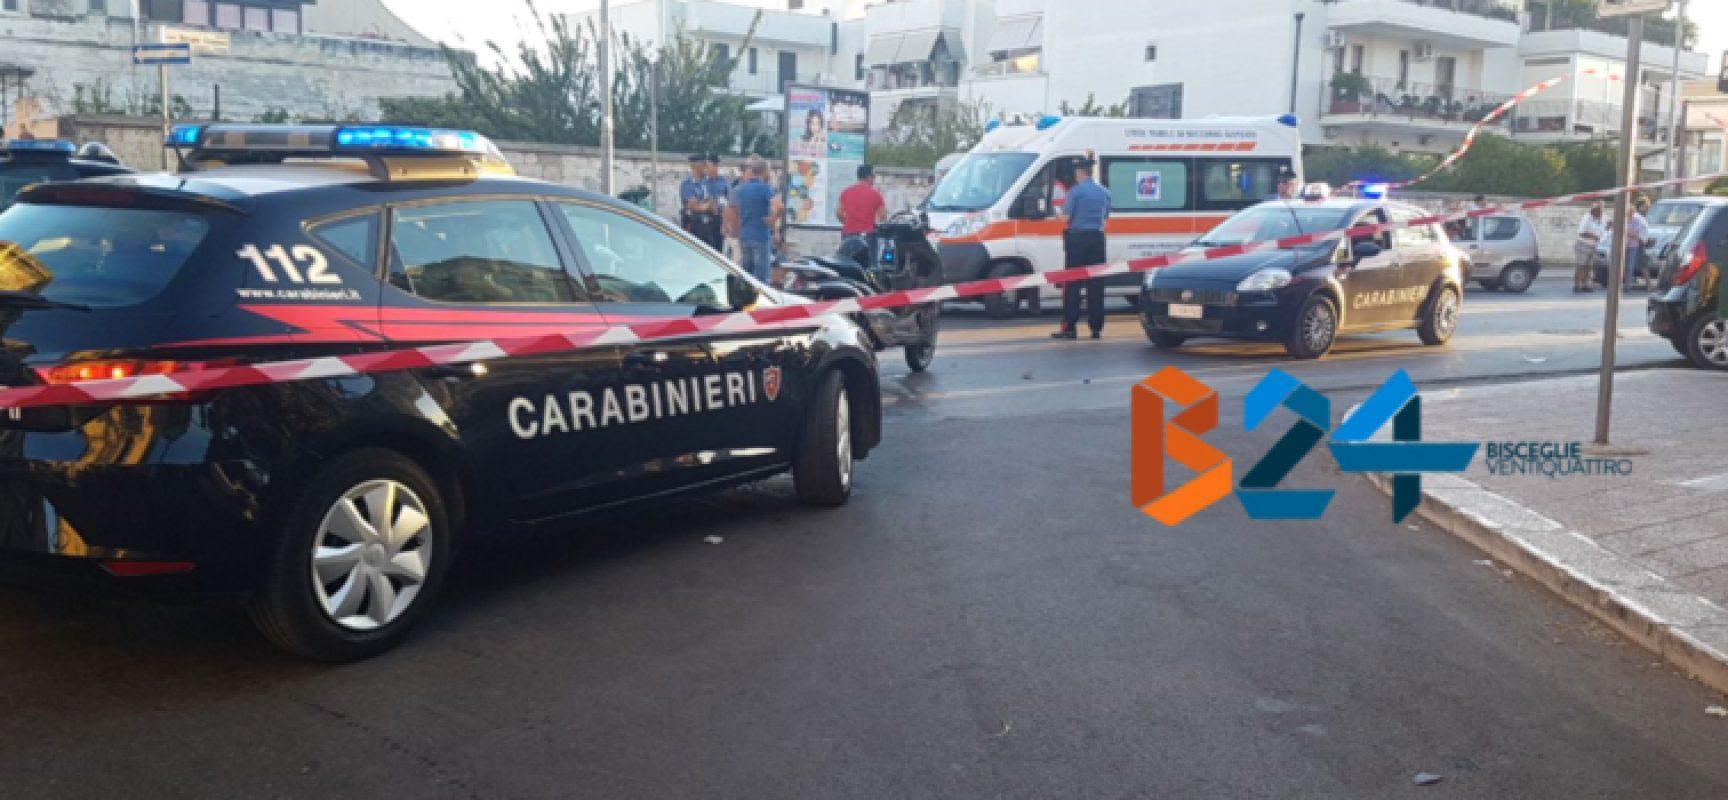 Inseguimento carabinieri-motociclo termina con incidente, fermati due biscegliesi